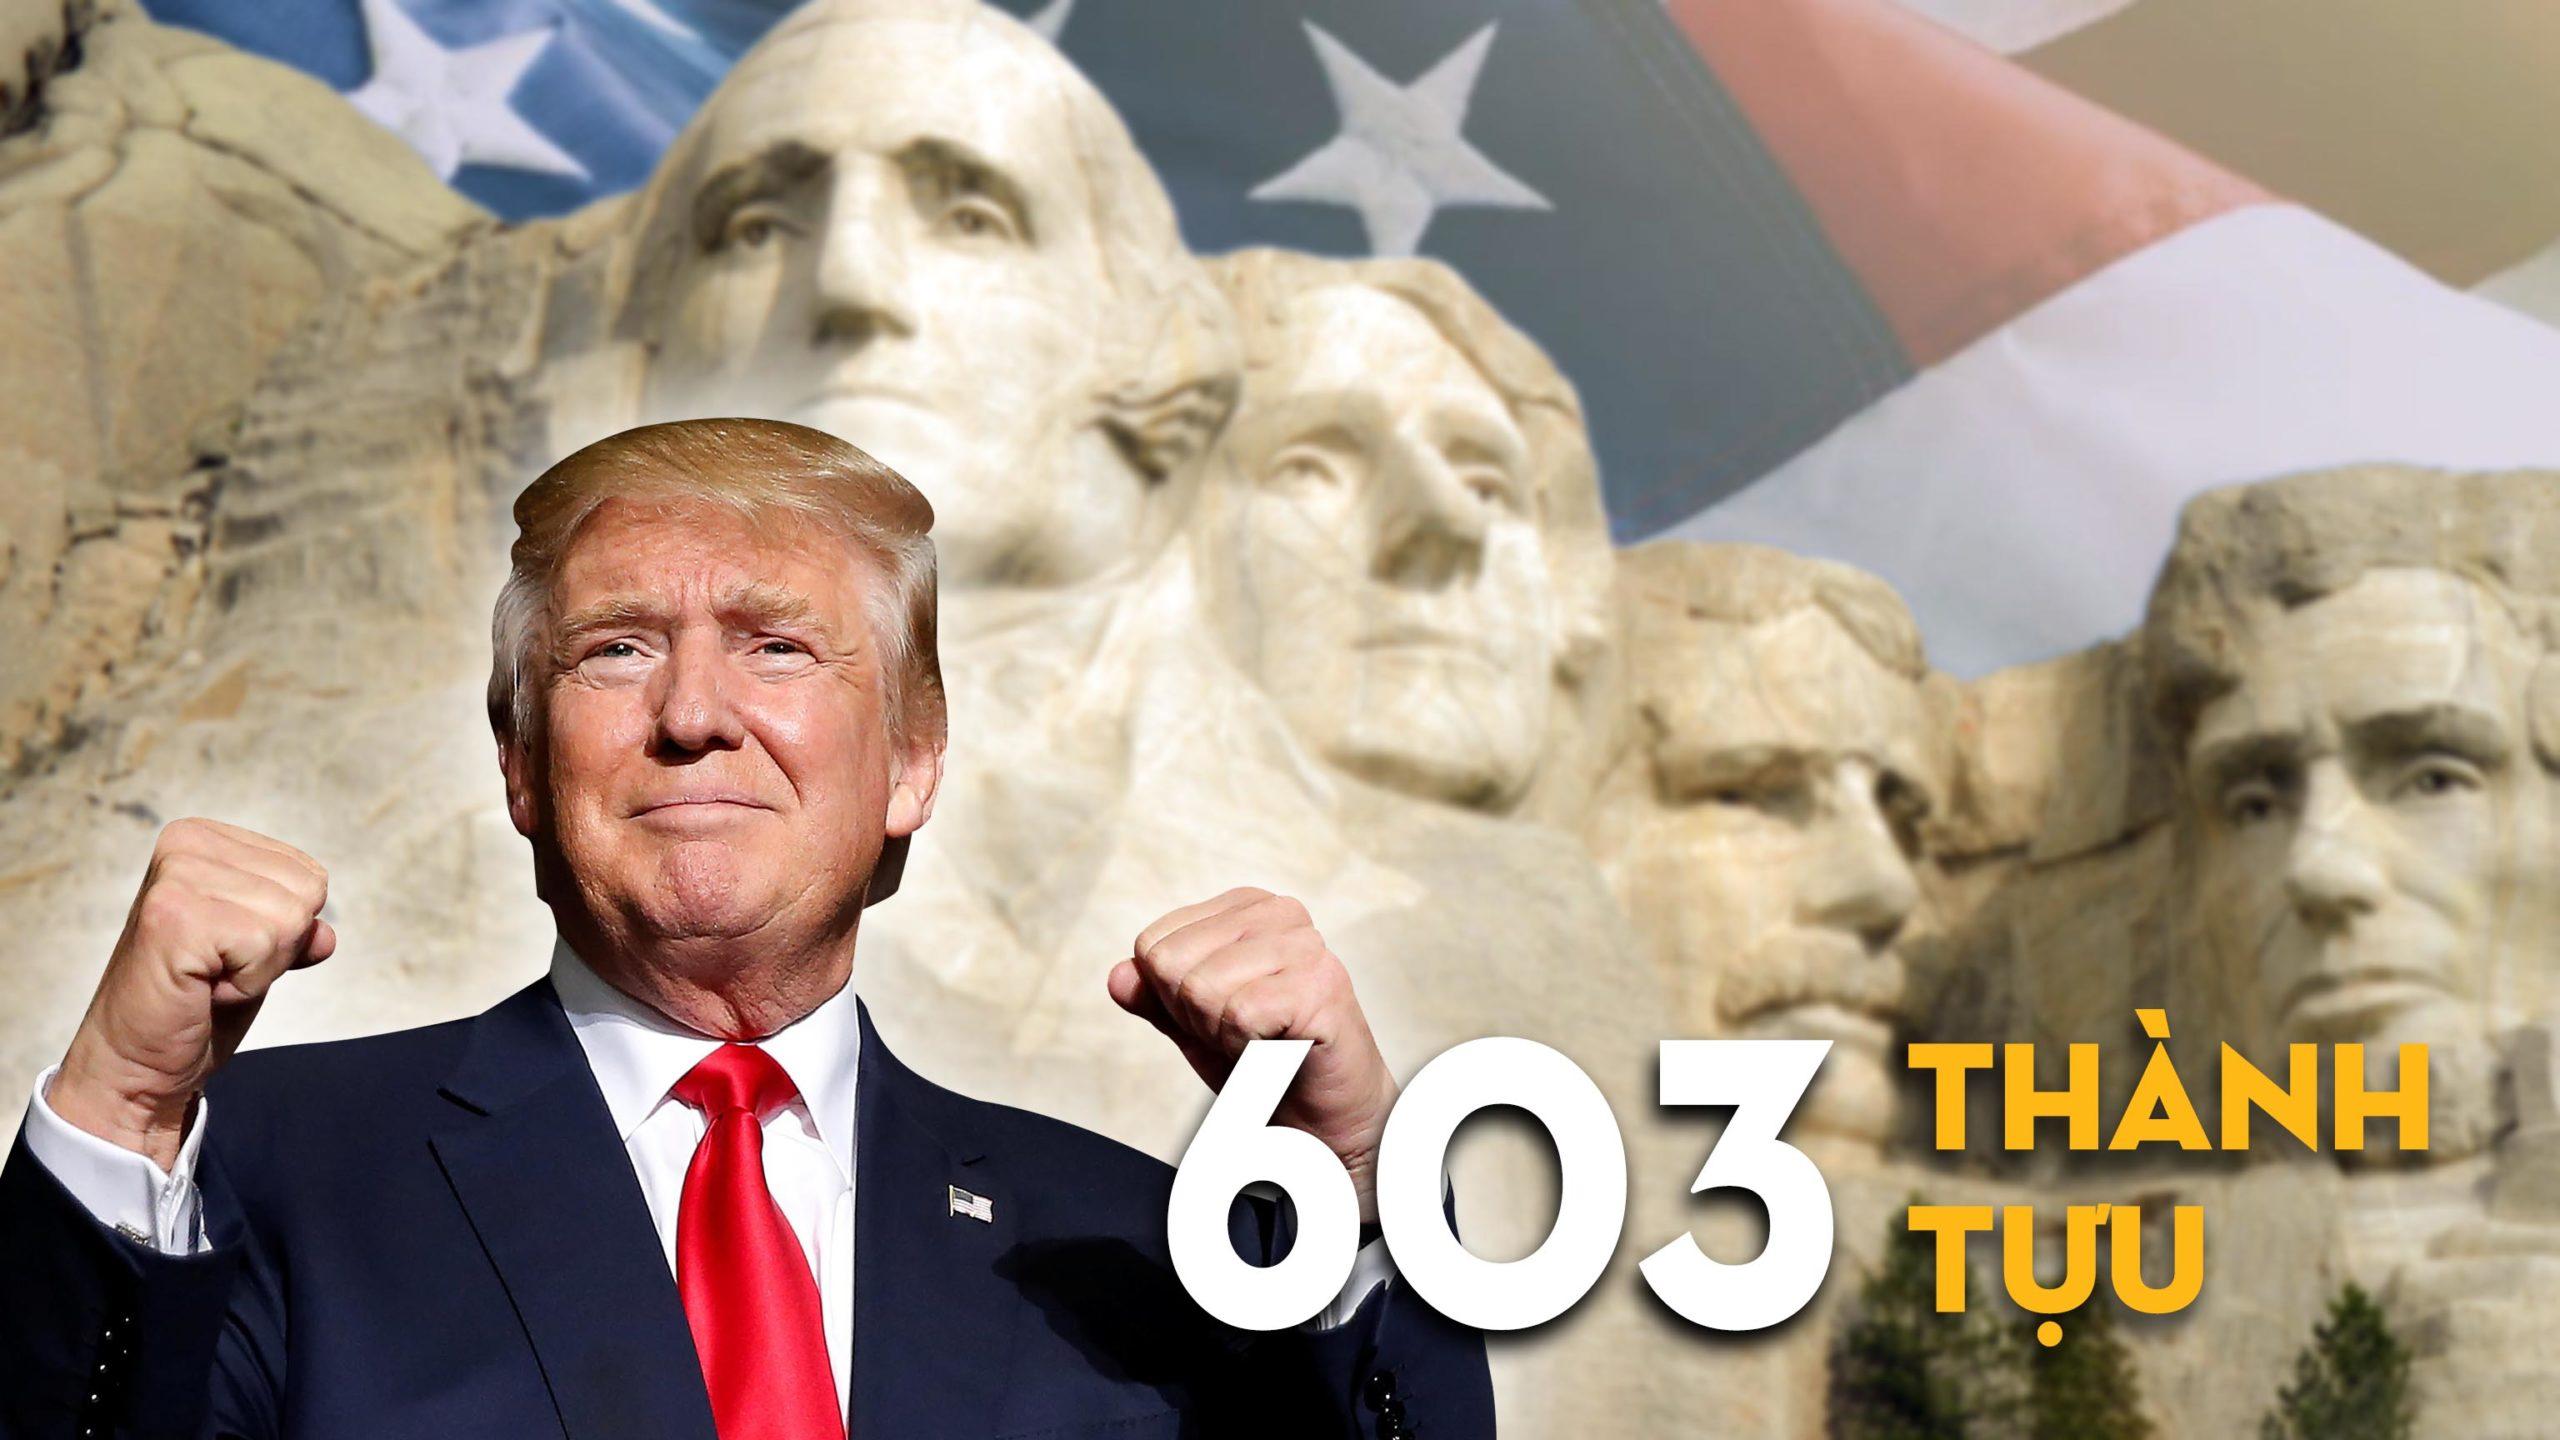 Nhìn lại 603 thành tựu của Chính quyền Tổng thống Mỹ Donald Trump. (Ảnh: Tinh Hoa)